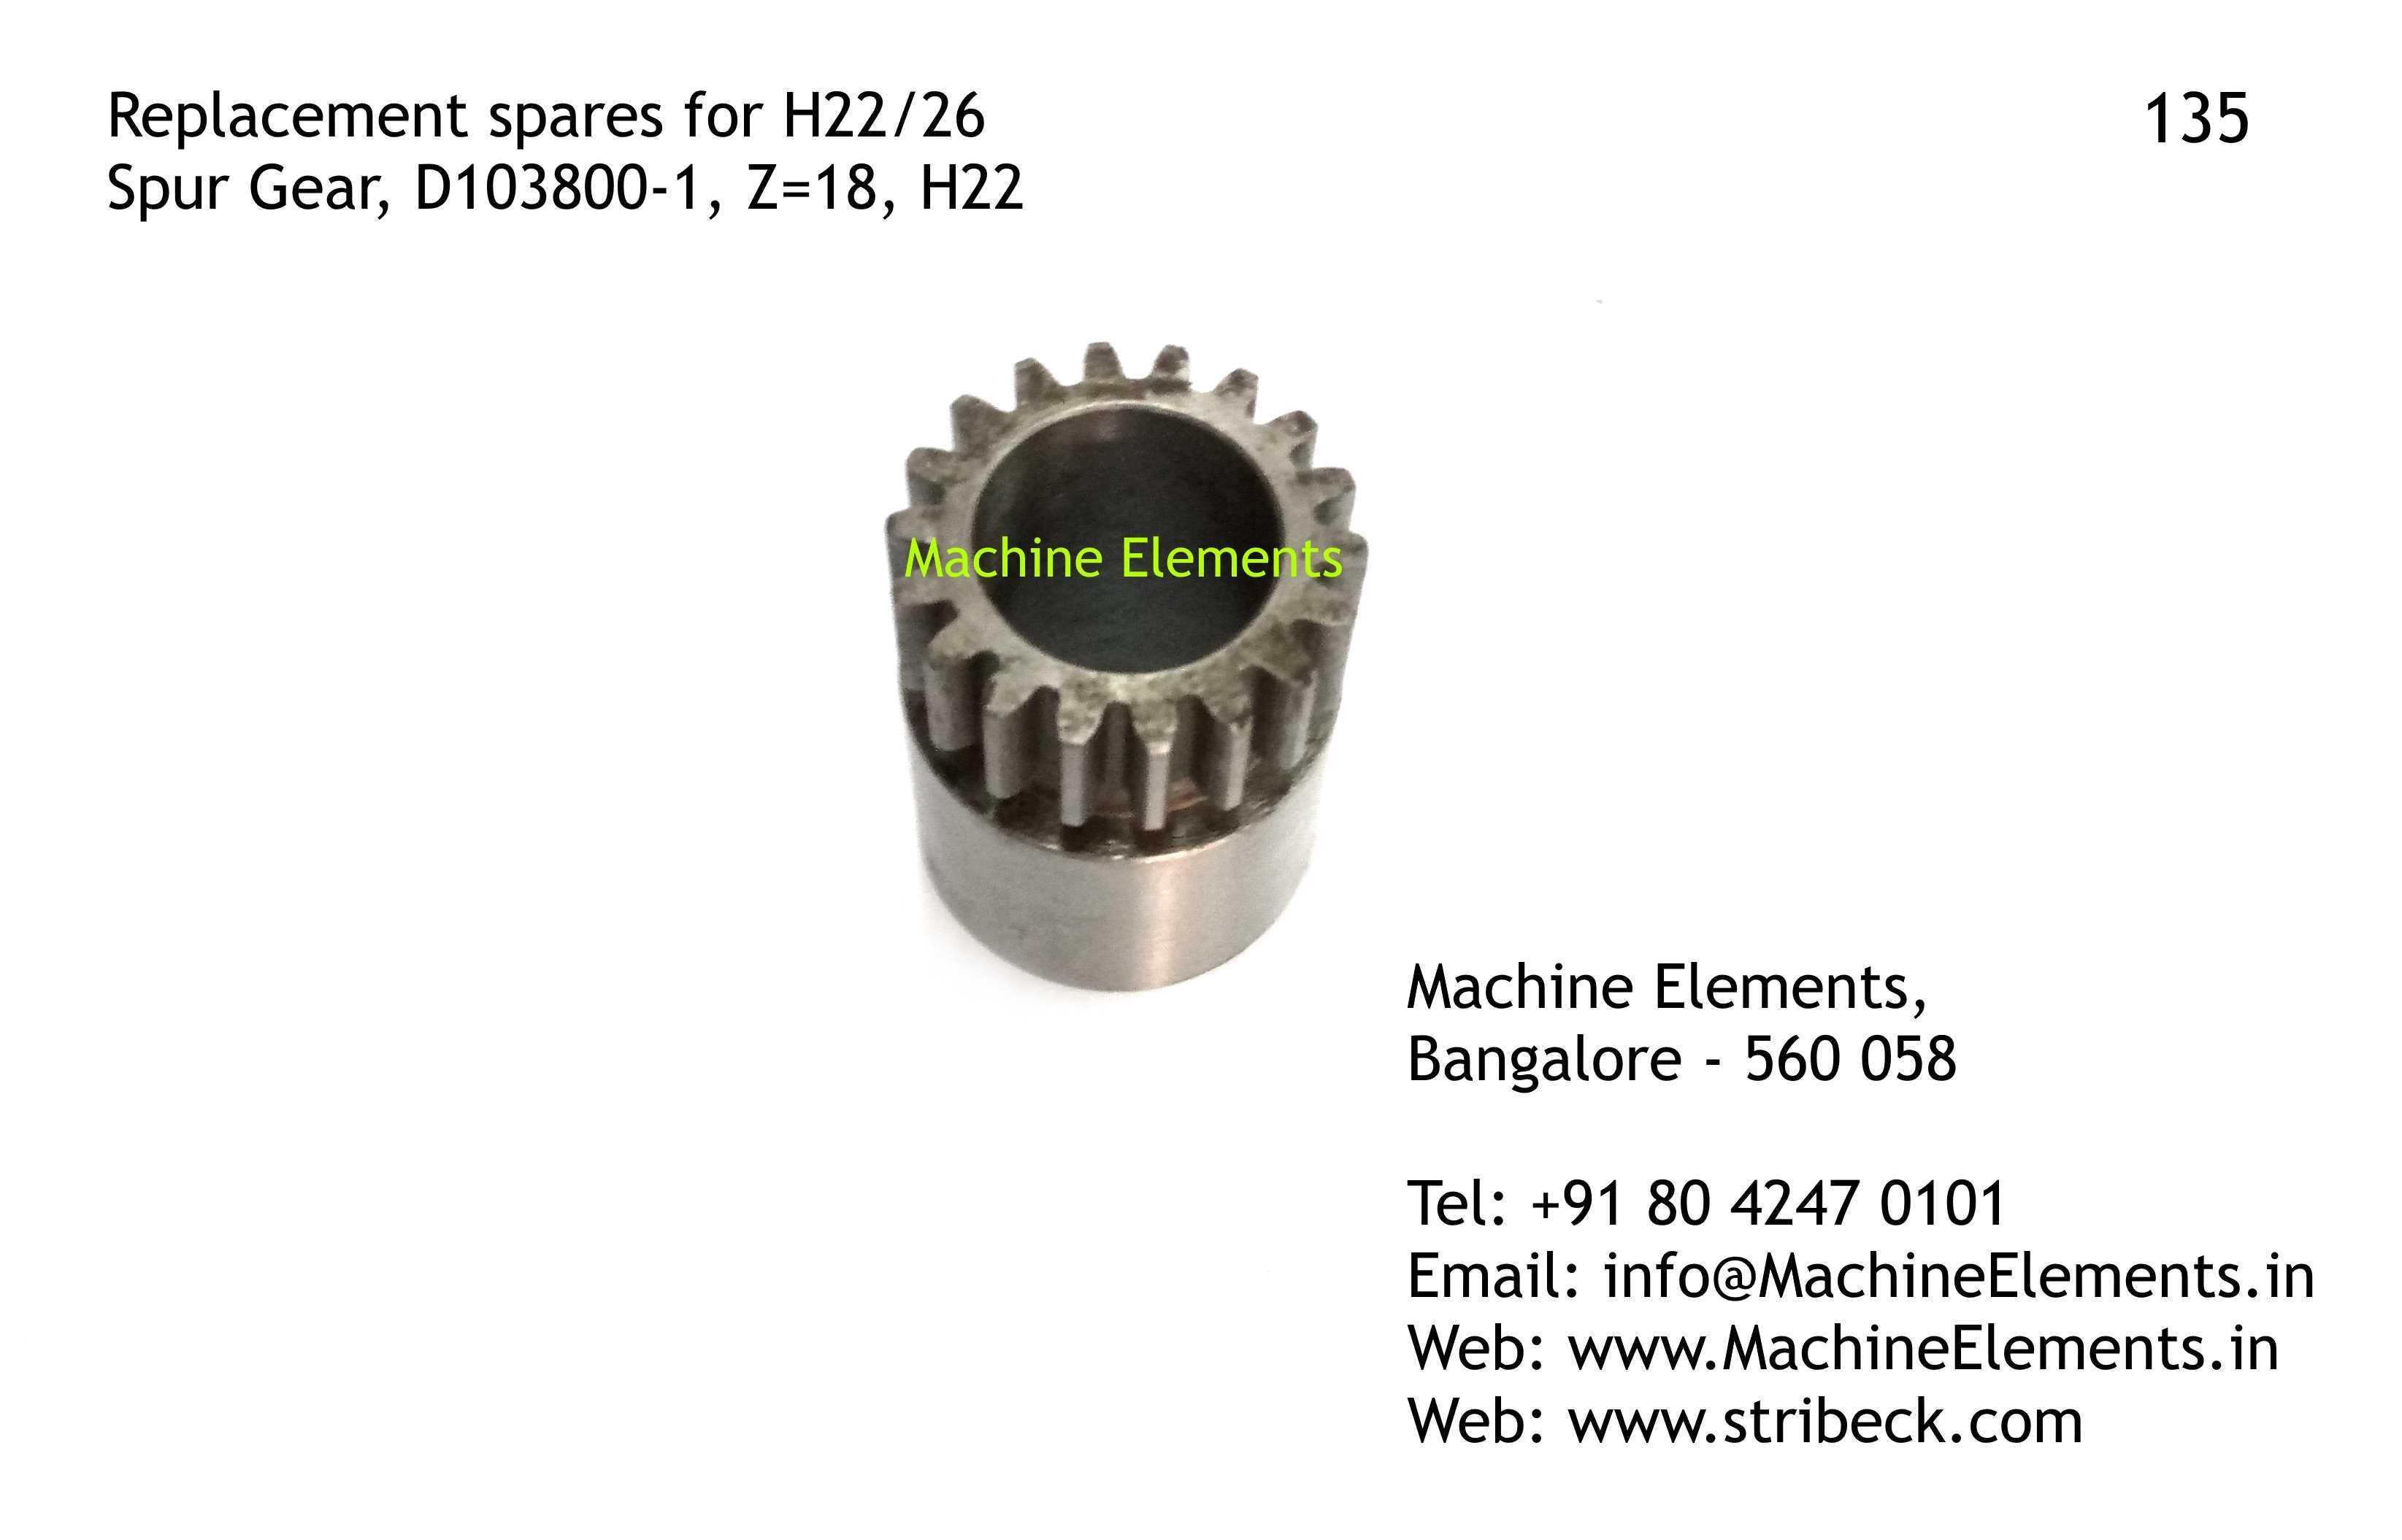 Spur Gear, D103800-1, Z=18